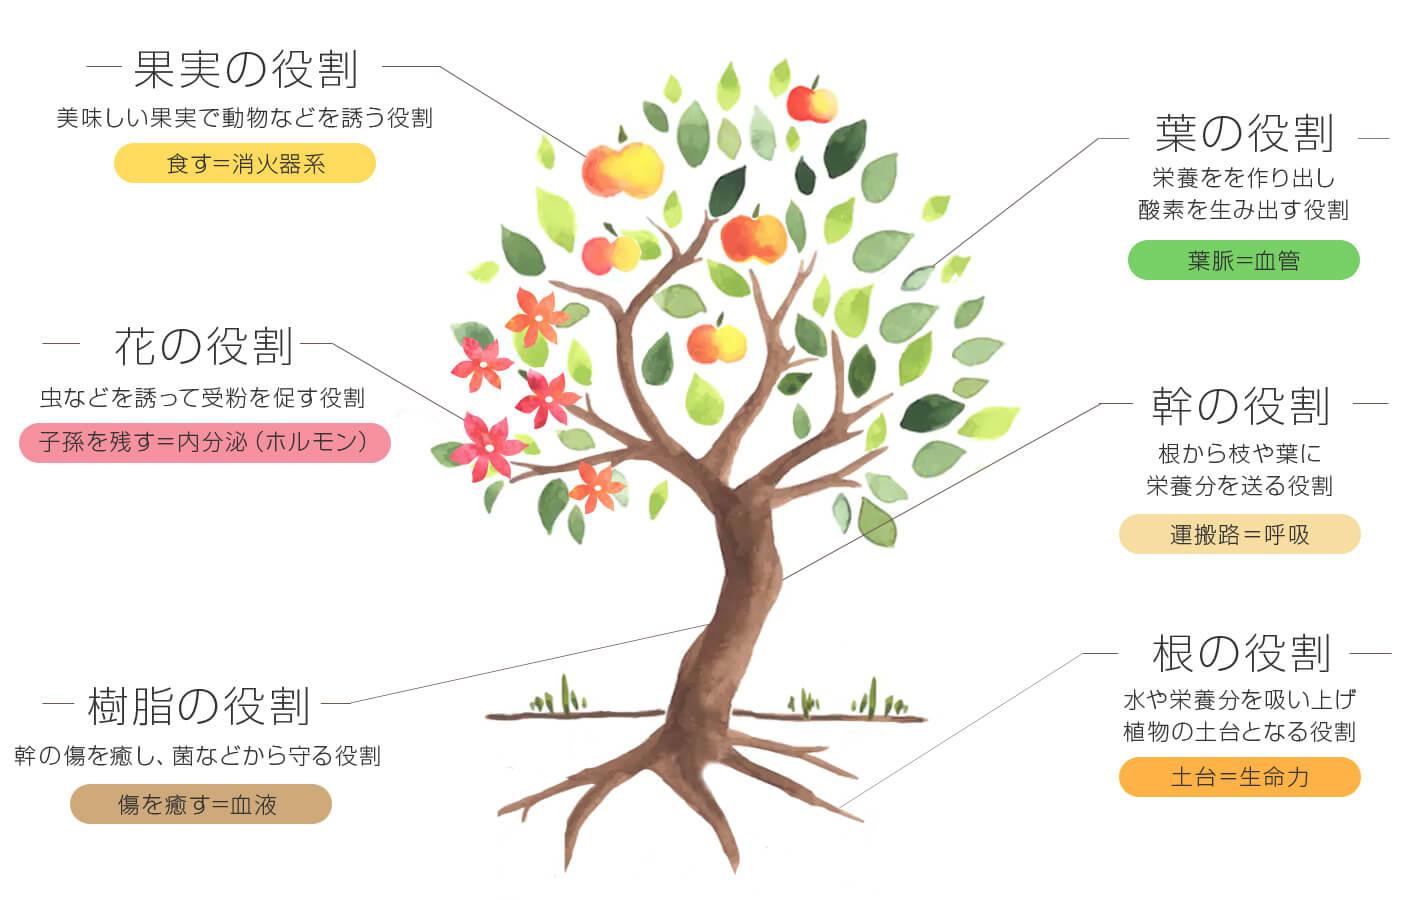 植物の部位と精油の関係